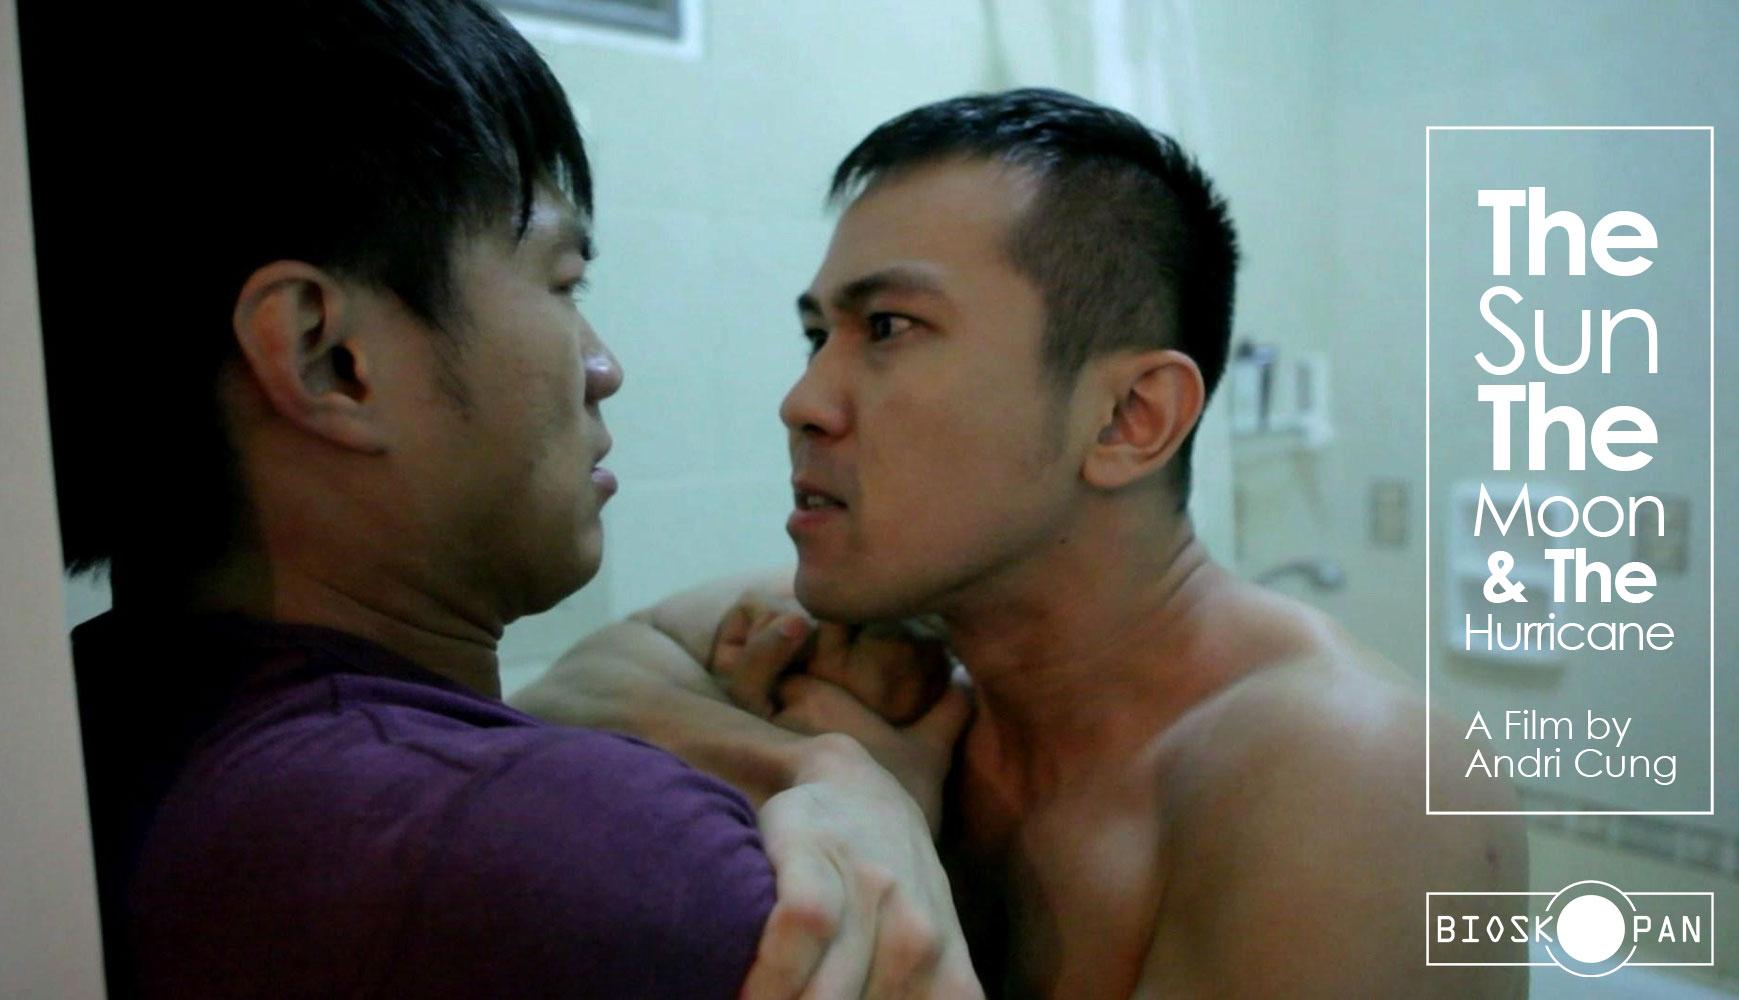 film-Andri-Cung-TSTMTH-bioskopan-di-warung-bejubel